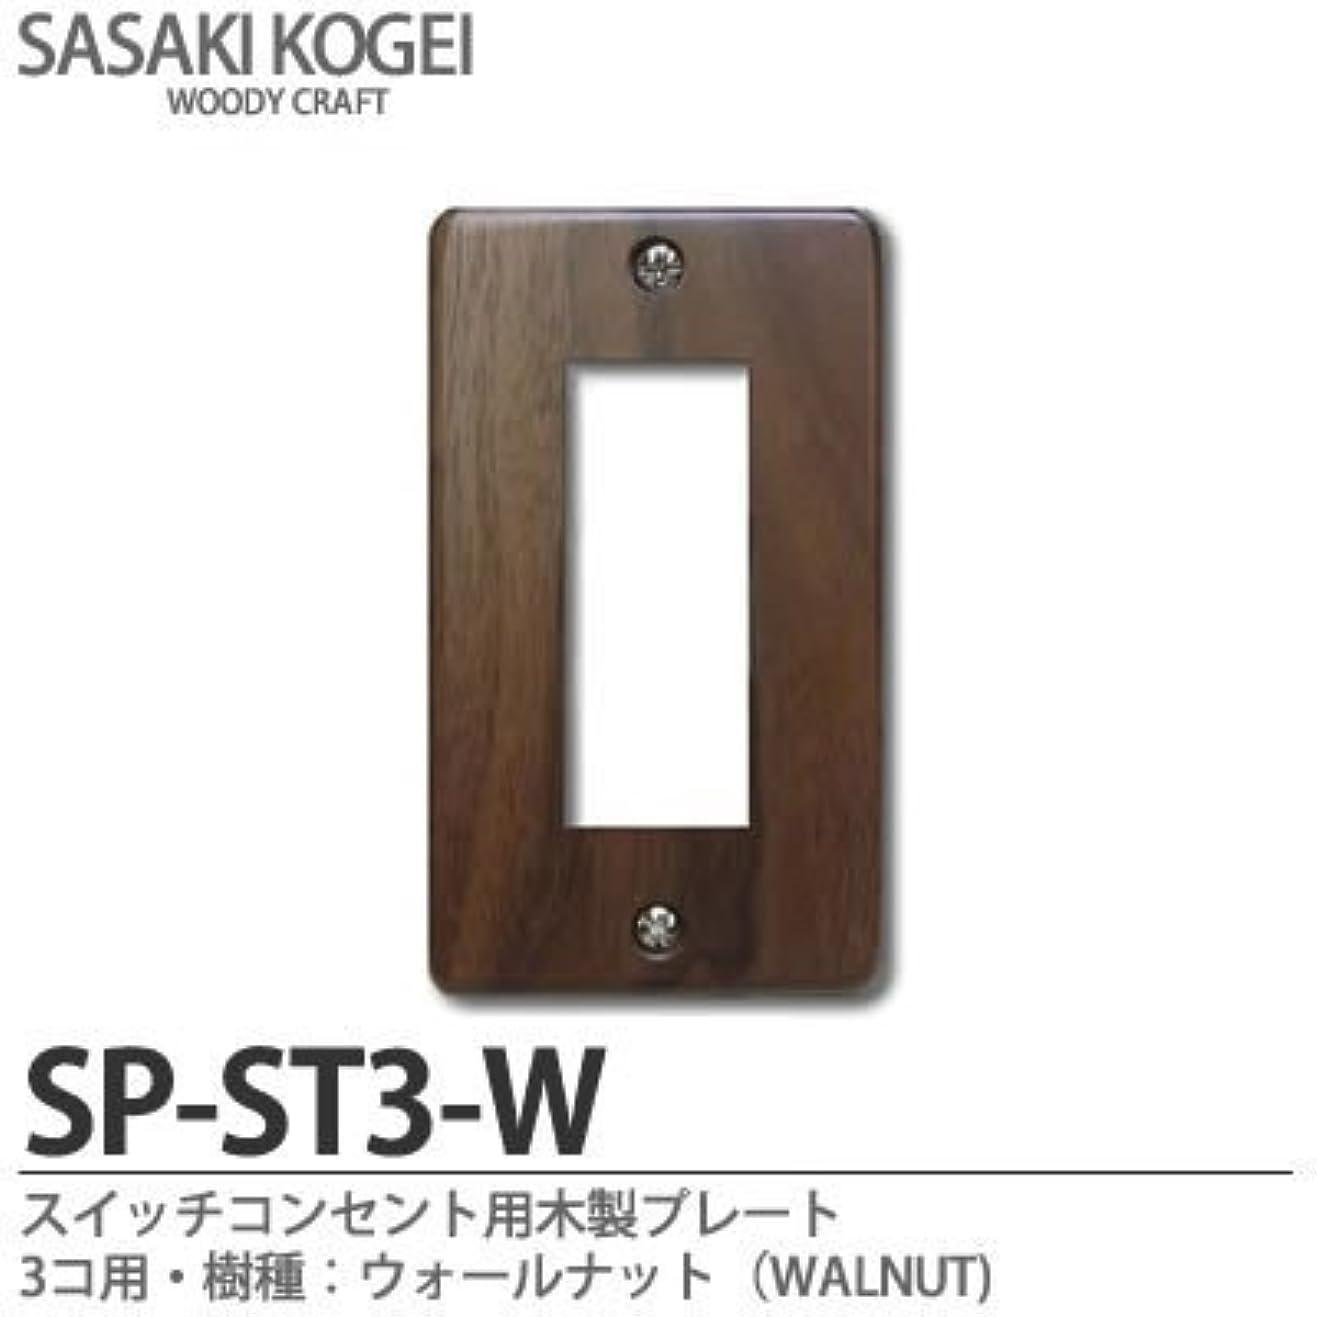 必要性音毛細血管【SASAKI KOGEI】スイッチ?コンセント用木製プレート 3個用 樹種:ウォールナット(WALNUT) SP-ST3-W